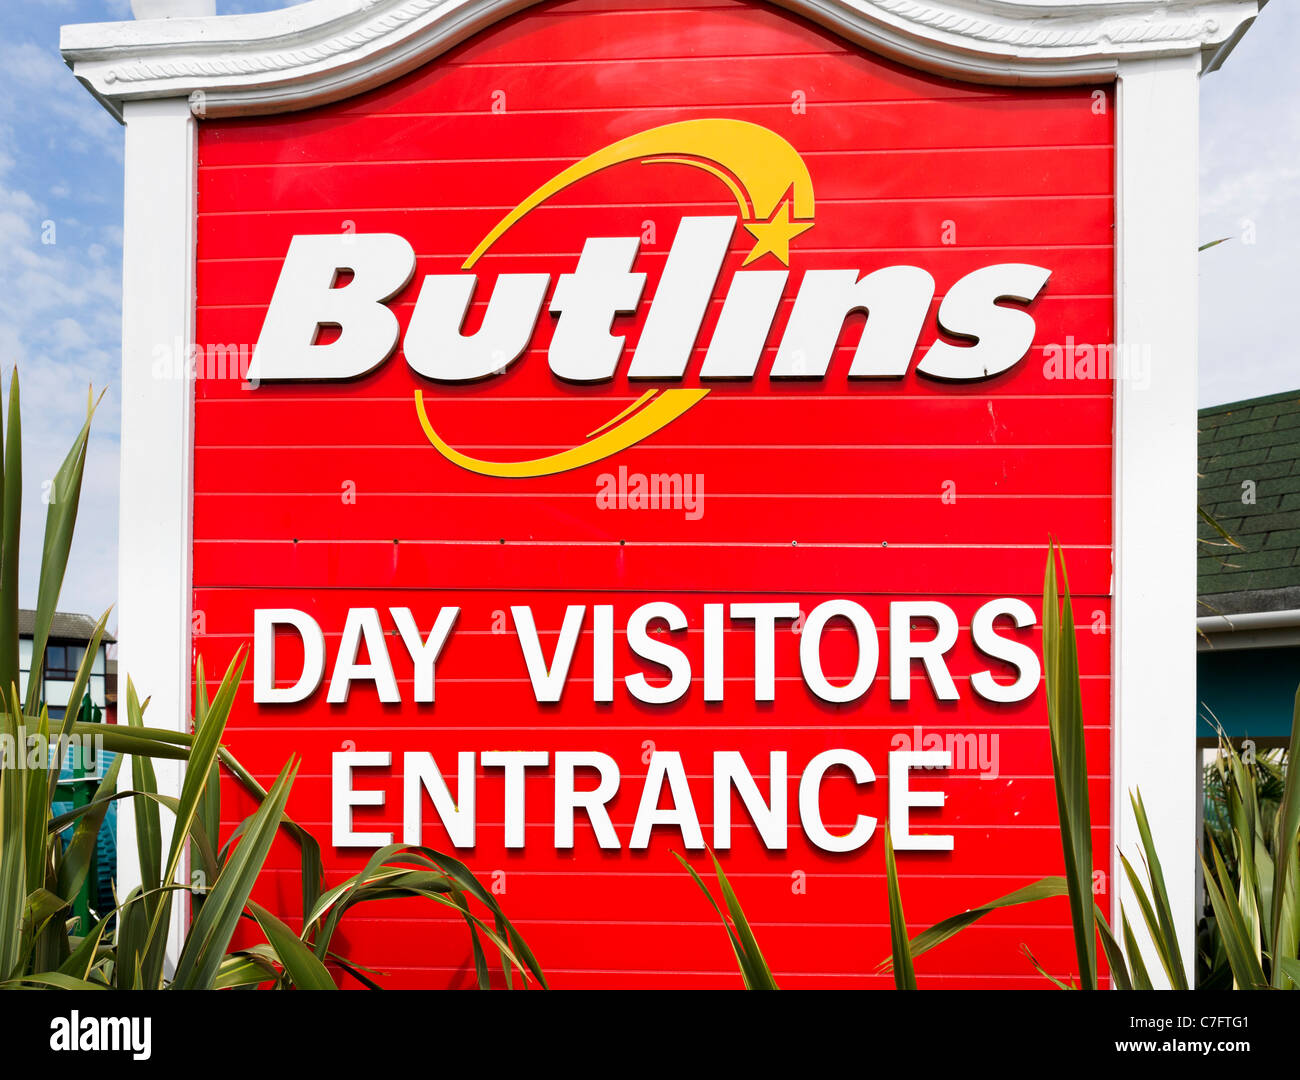 Sign for day visitors entrance Butlins, Bognor Regis, West Sussex, England, UK - Stock Image